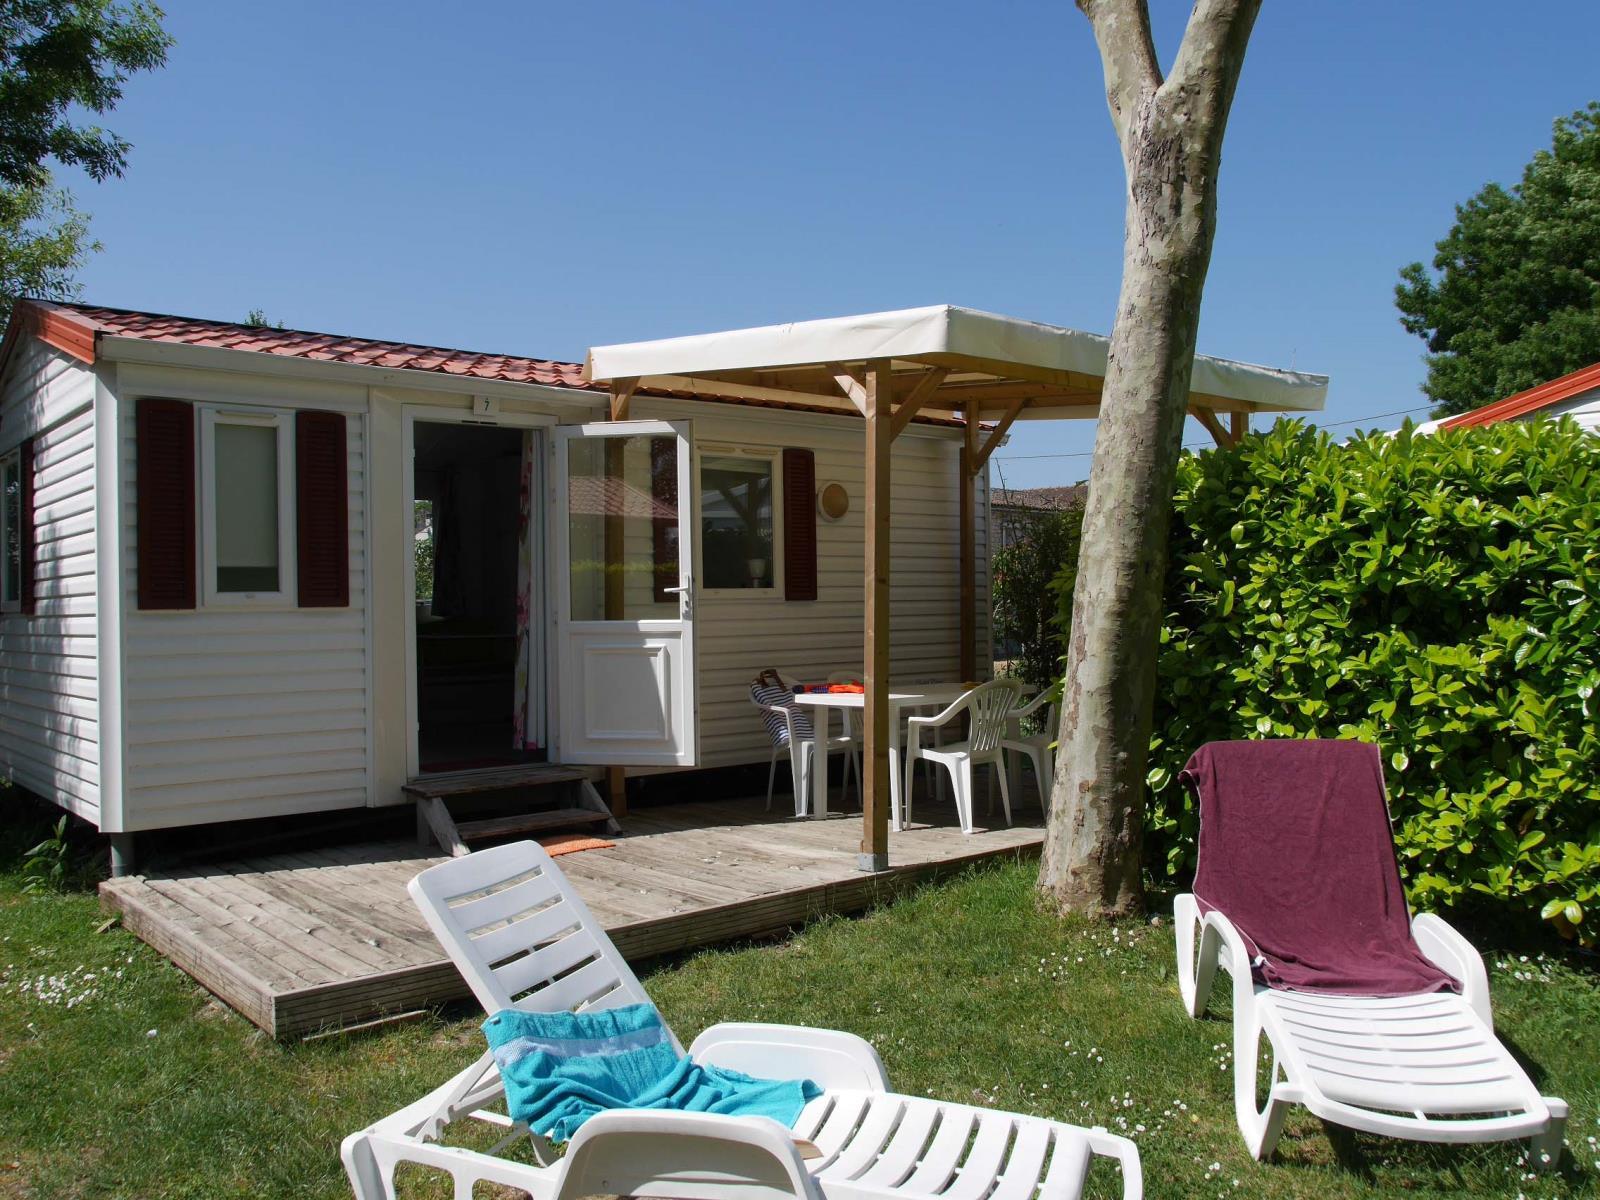 Location - Mobil-Home Super Venus 24M² Dim - Camping de la Gères